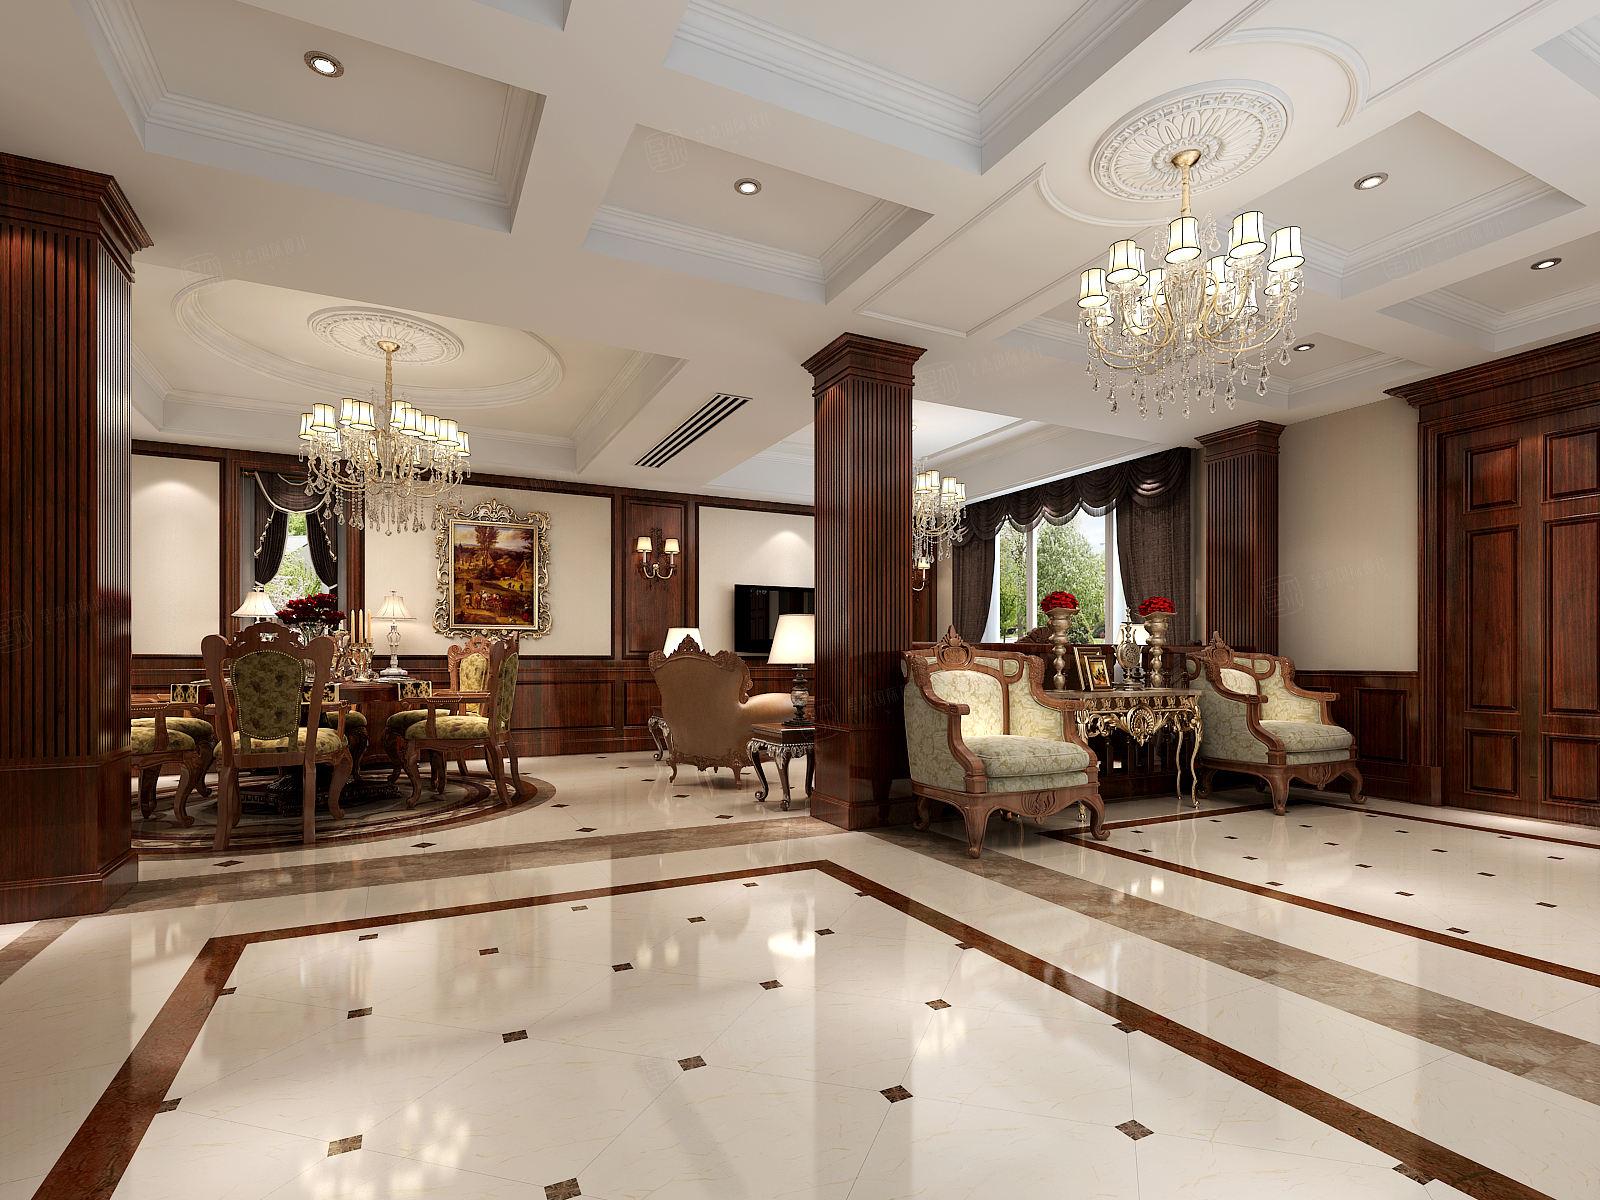 万红苑 美式装修客厅效果图